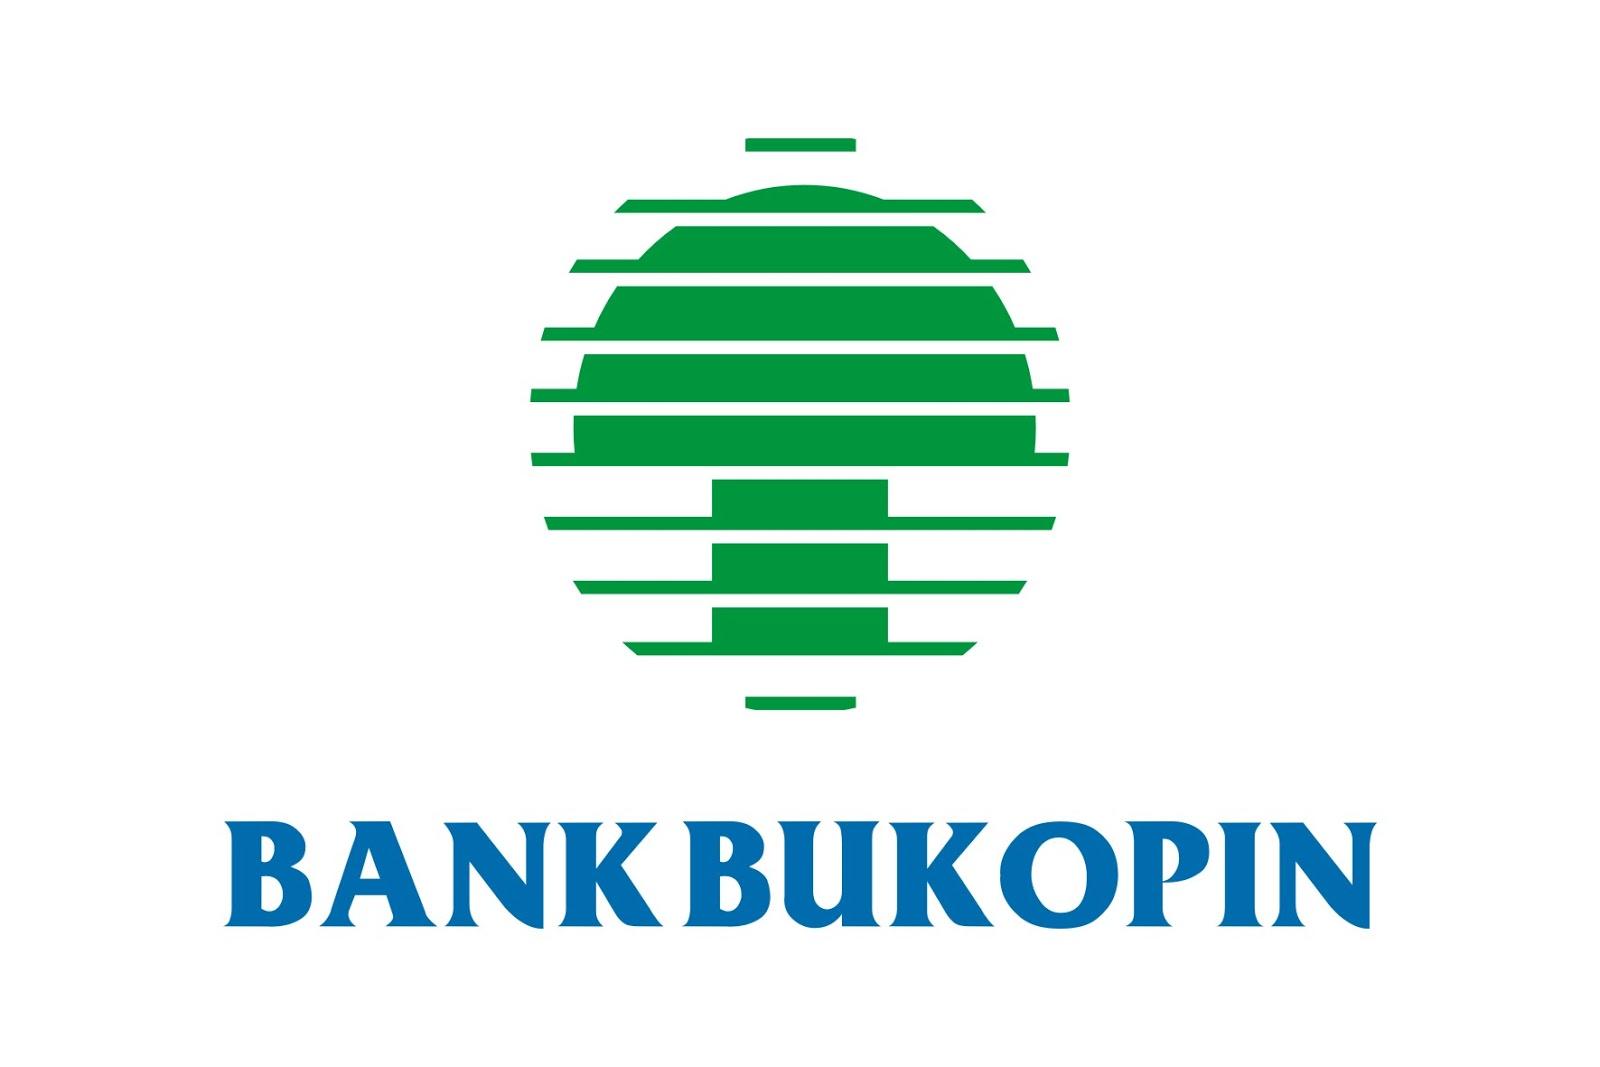 Lowongan Kerja Bank Bukopin Februari 2017 - LOWONGAN KERJA